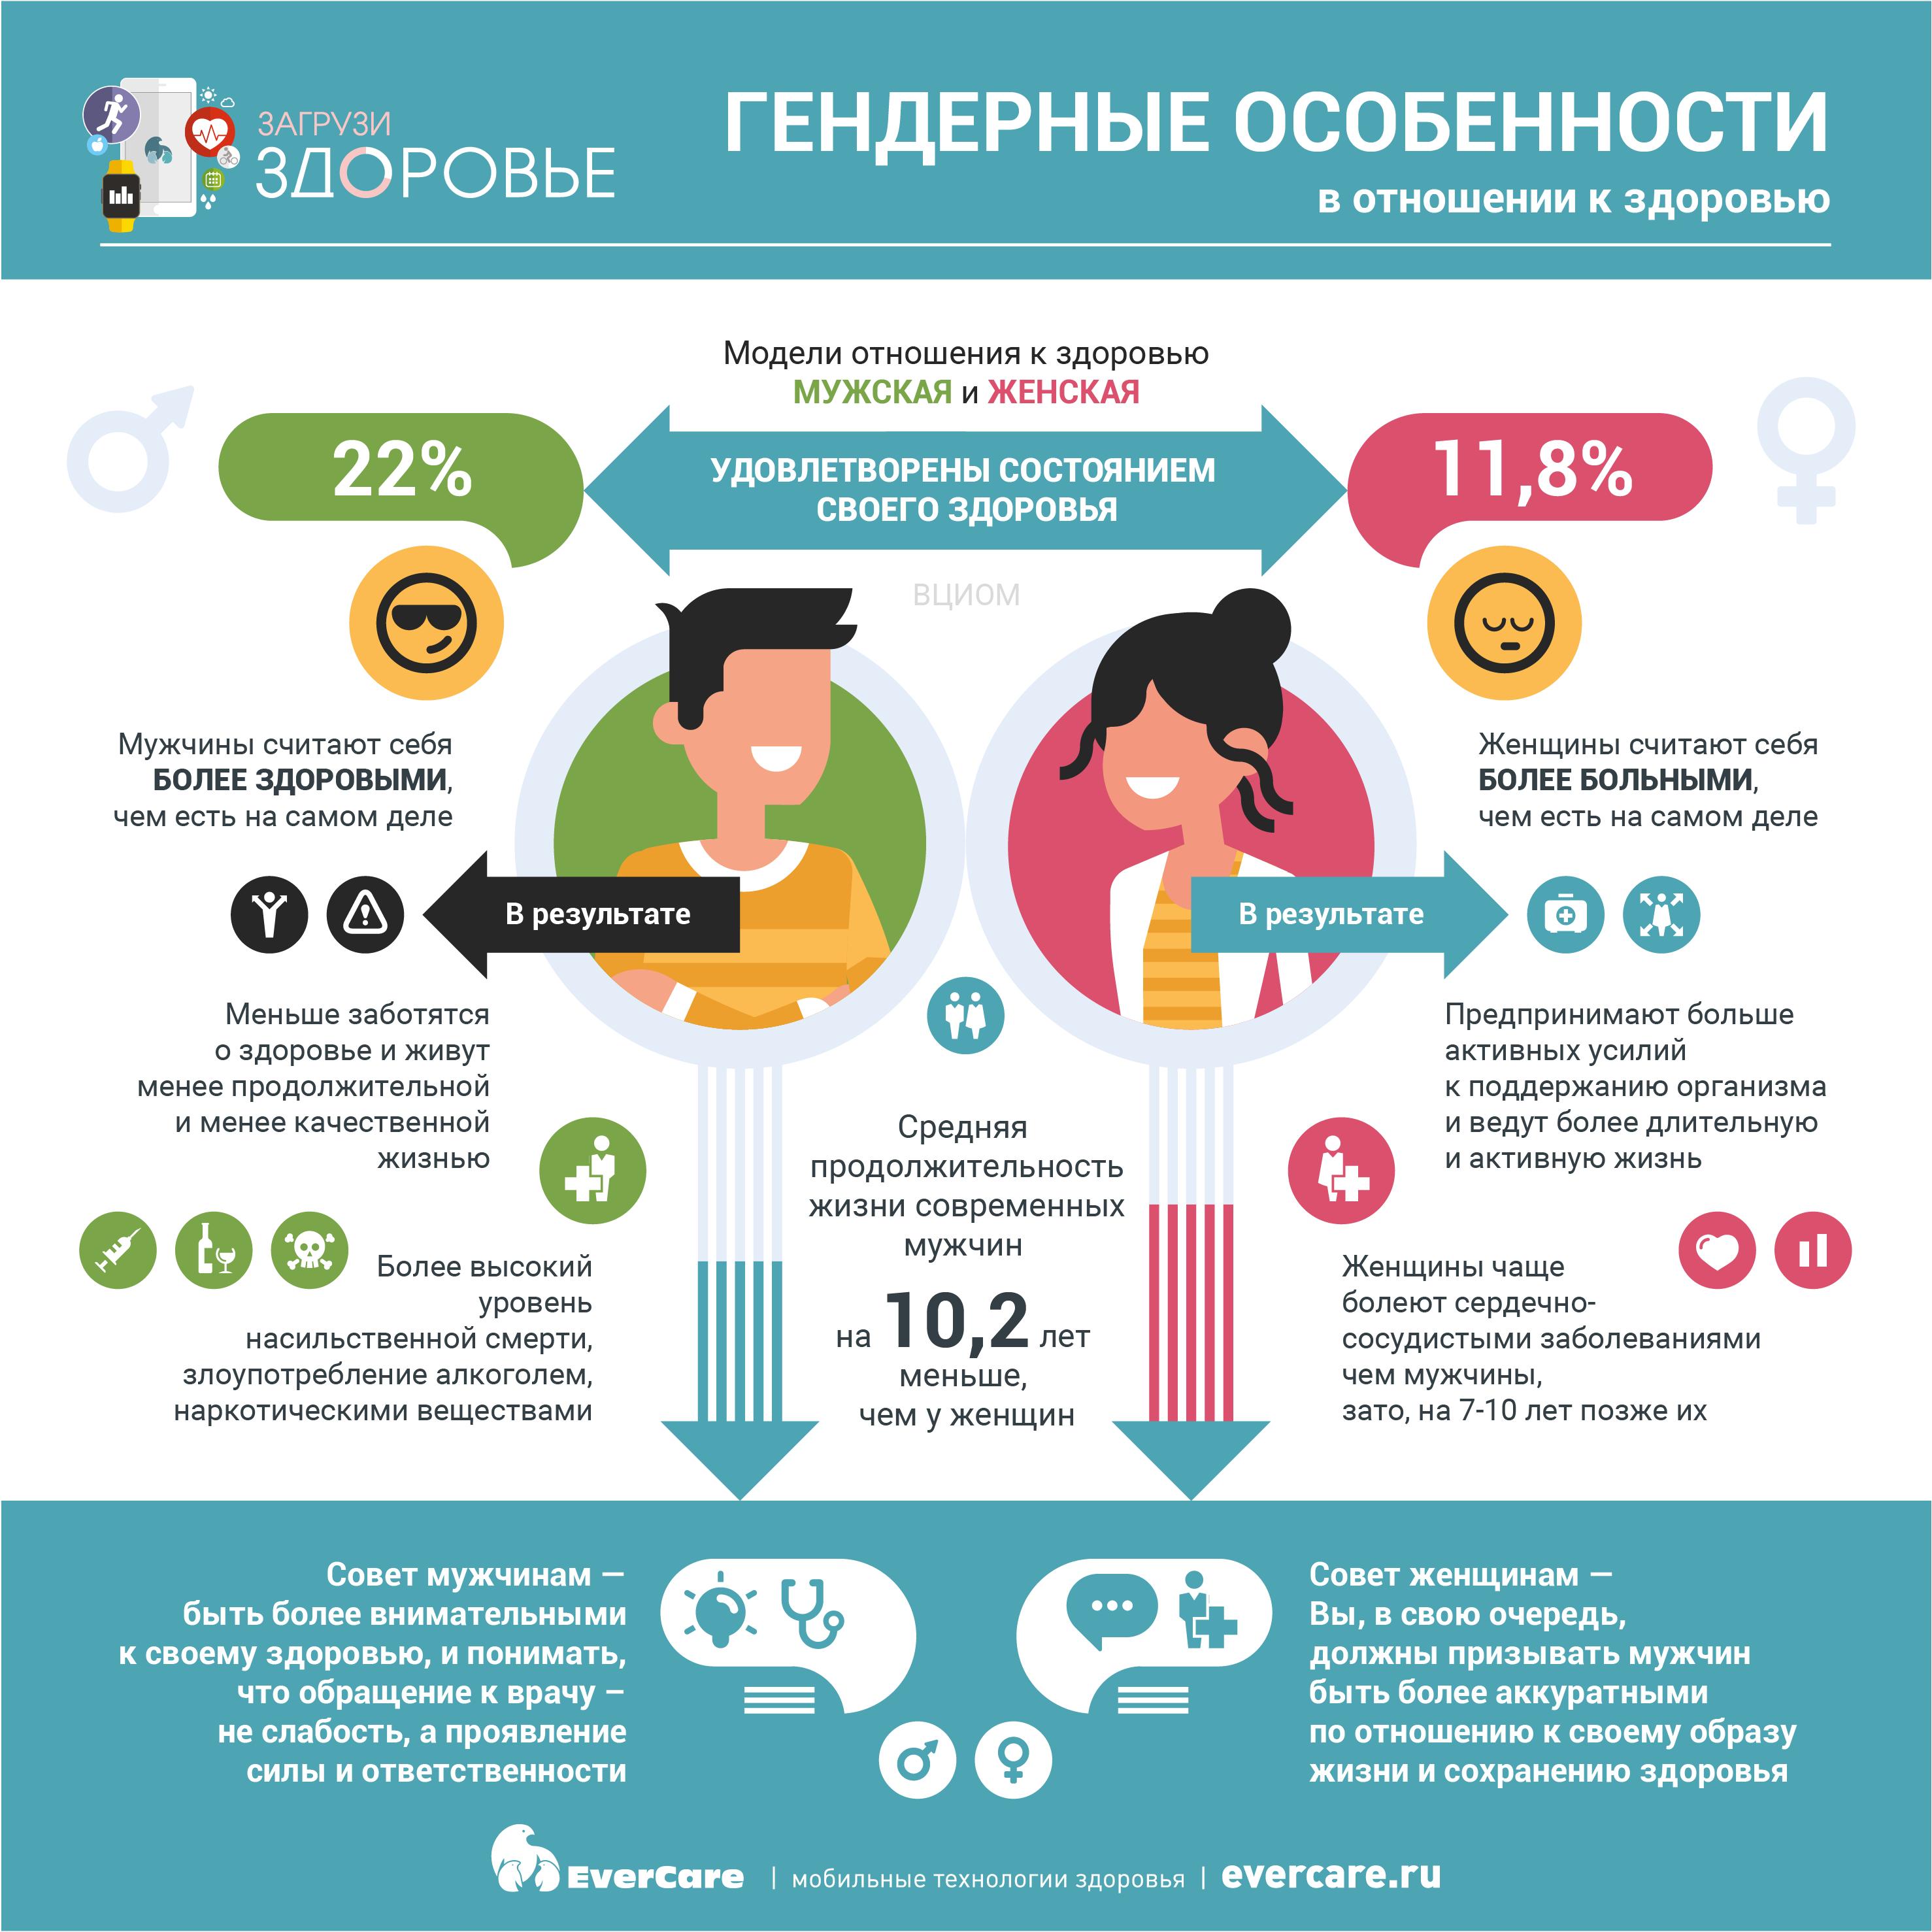 Гендерные особенности в отношении к здоровью, Инфографика